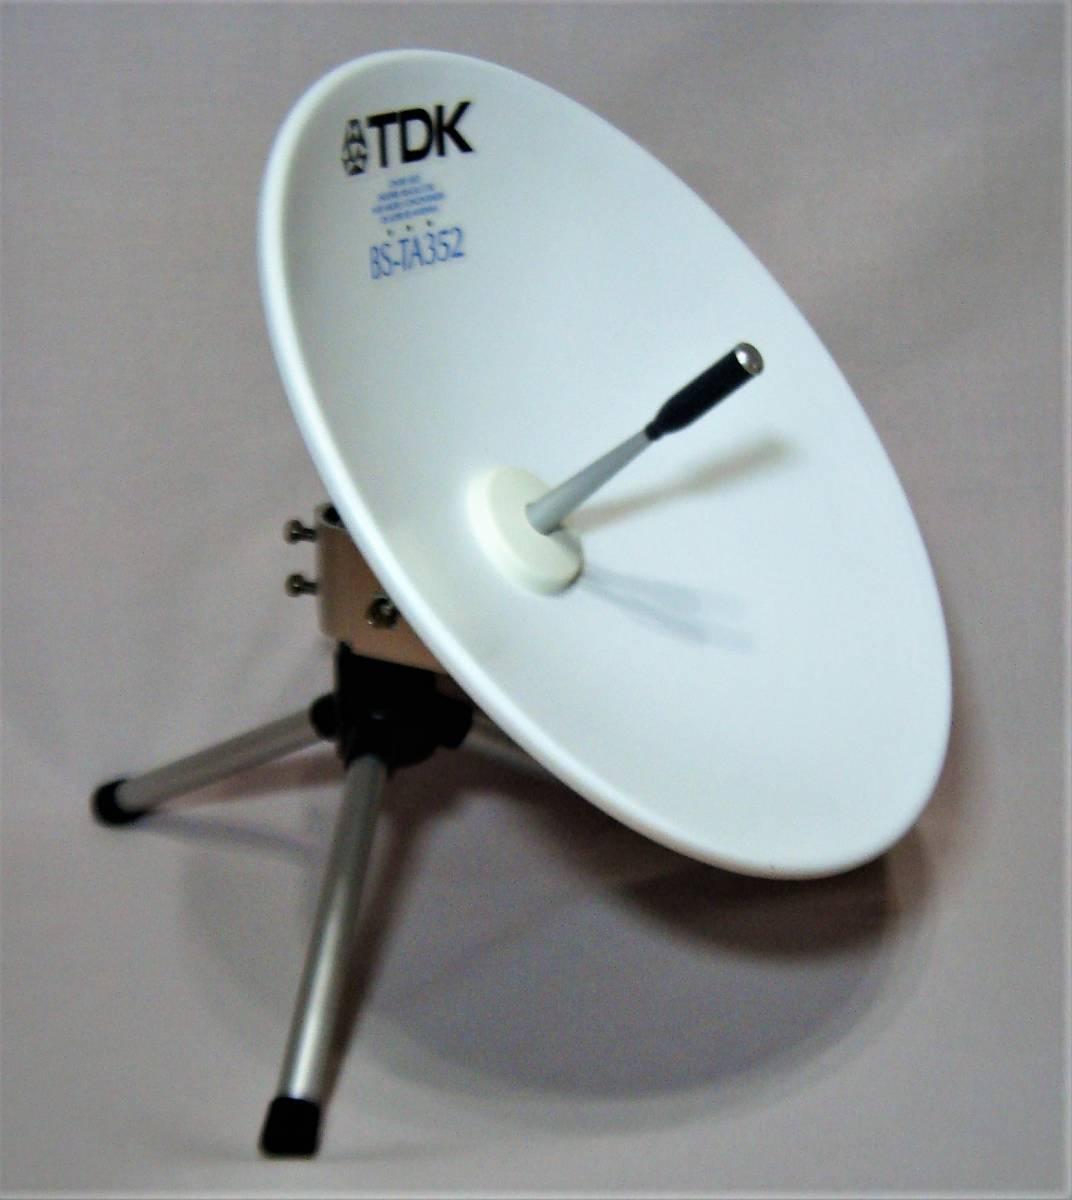 TDK センターフィード型BSアンテナ BS-TA352・三脚・同軸ケーブル付(美品)